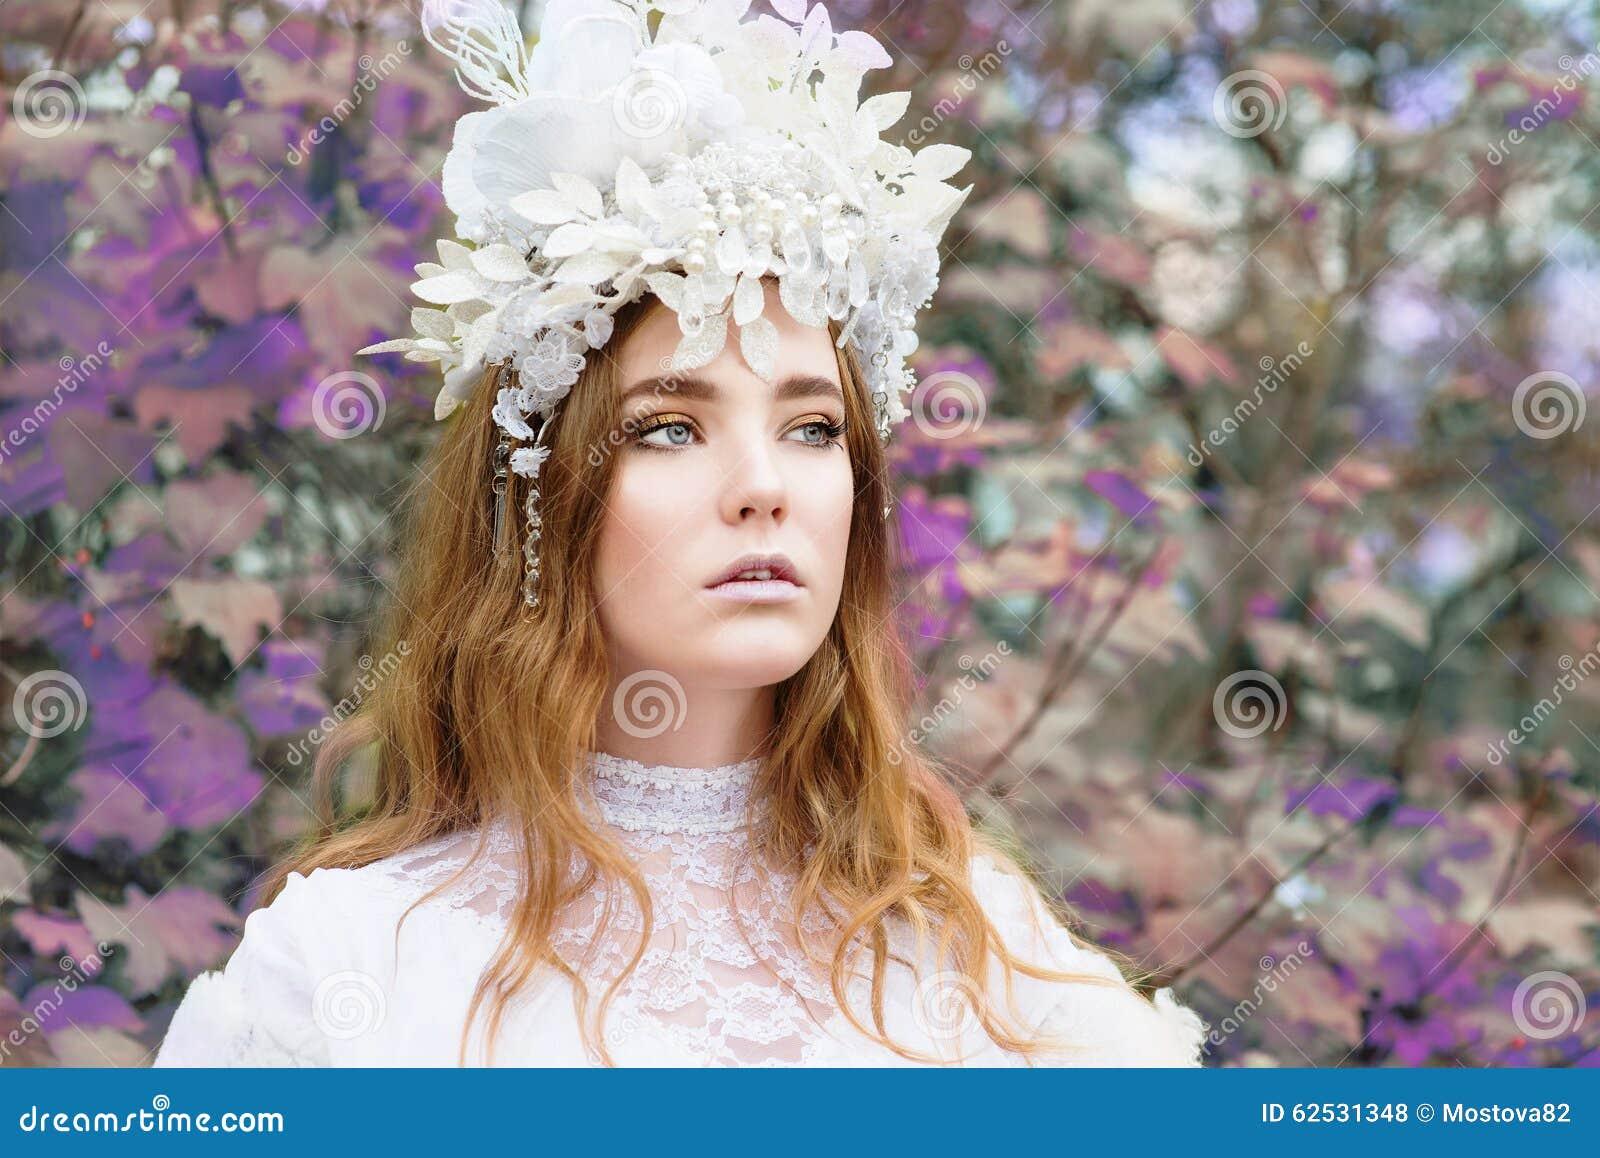 美丽的redhair女孩喜欢公主